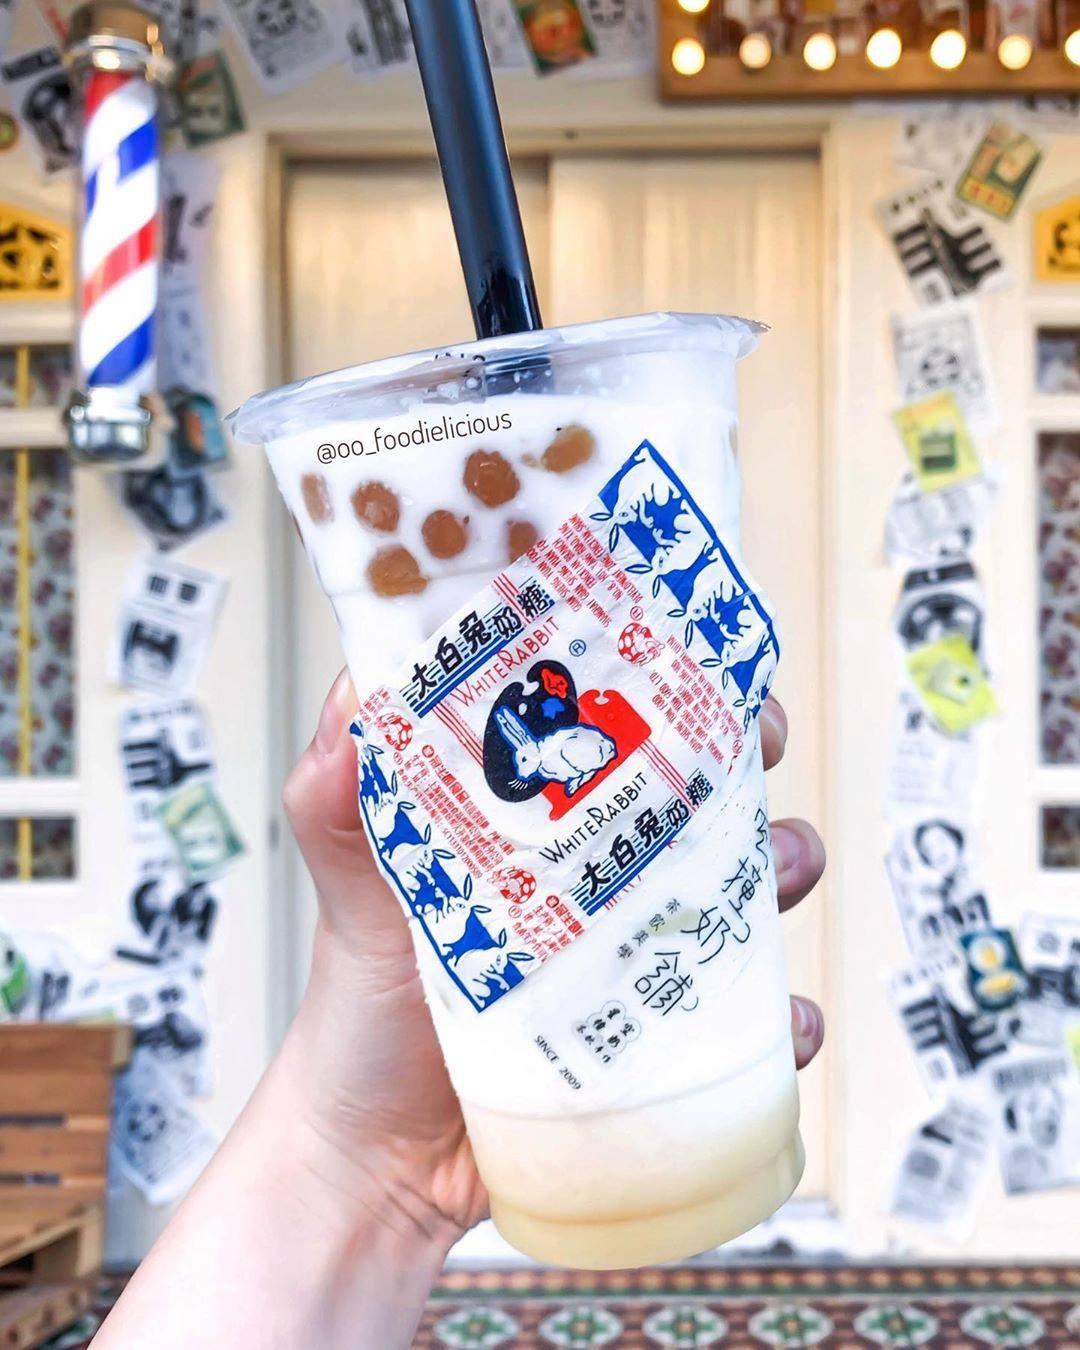 Giới trẻ Trung Quốc đổ xô đi mua trà sữa có giá siêu đắt 1,7 triệu/cốc, lý do đằng sau khiến nhiều người nể phục - Ảnh 9.